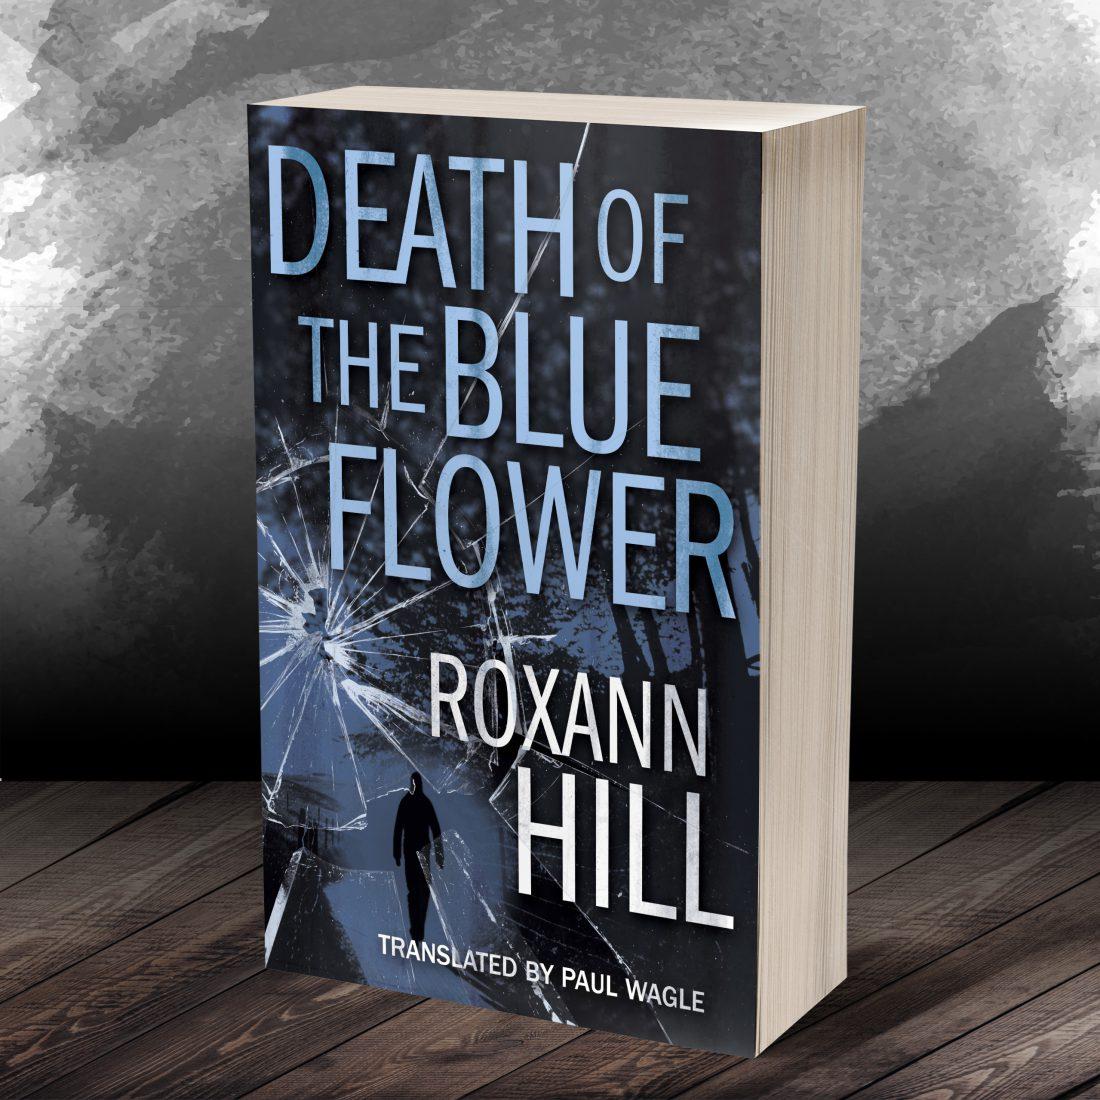 roxannhill-deathoftheblueflower